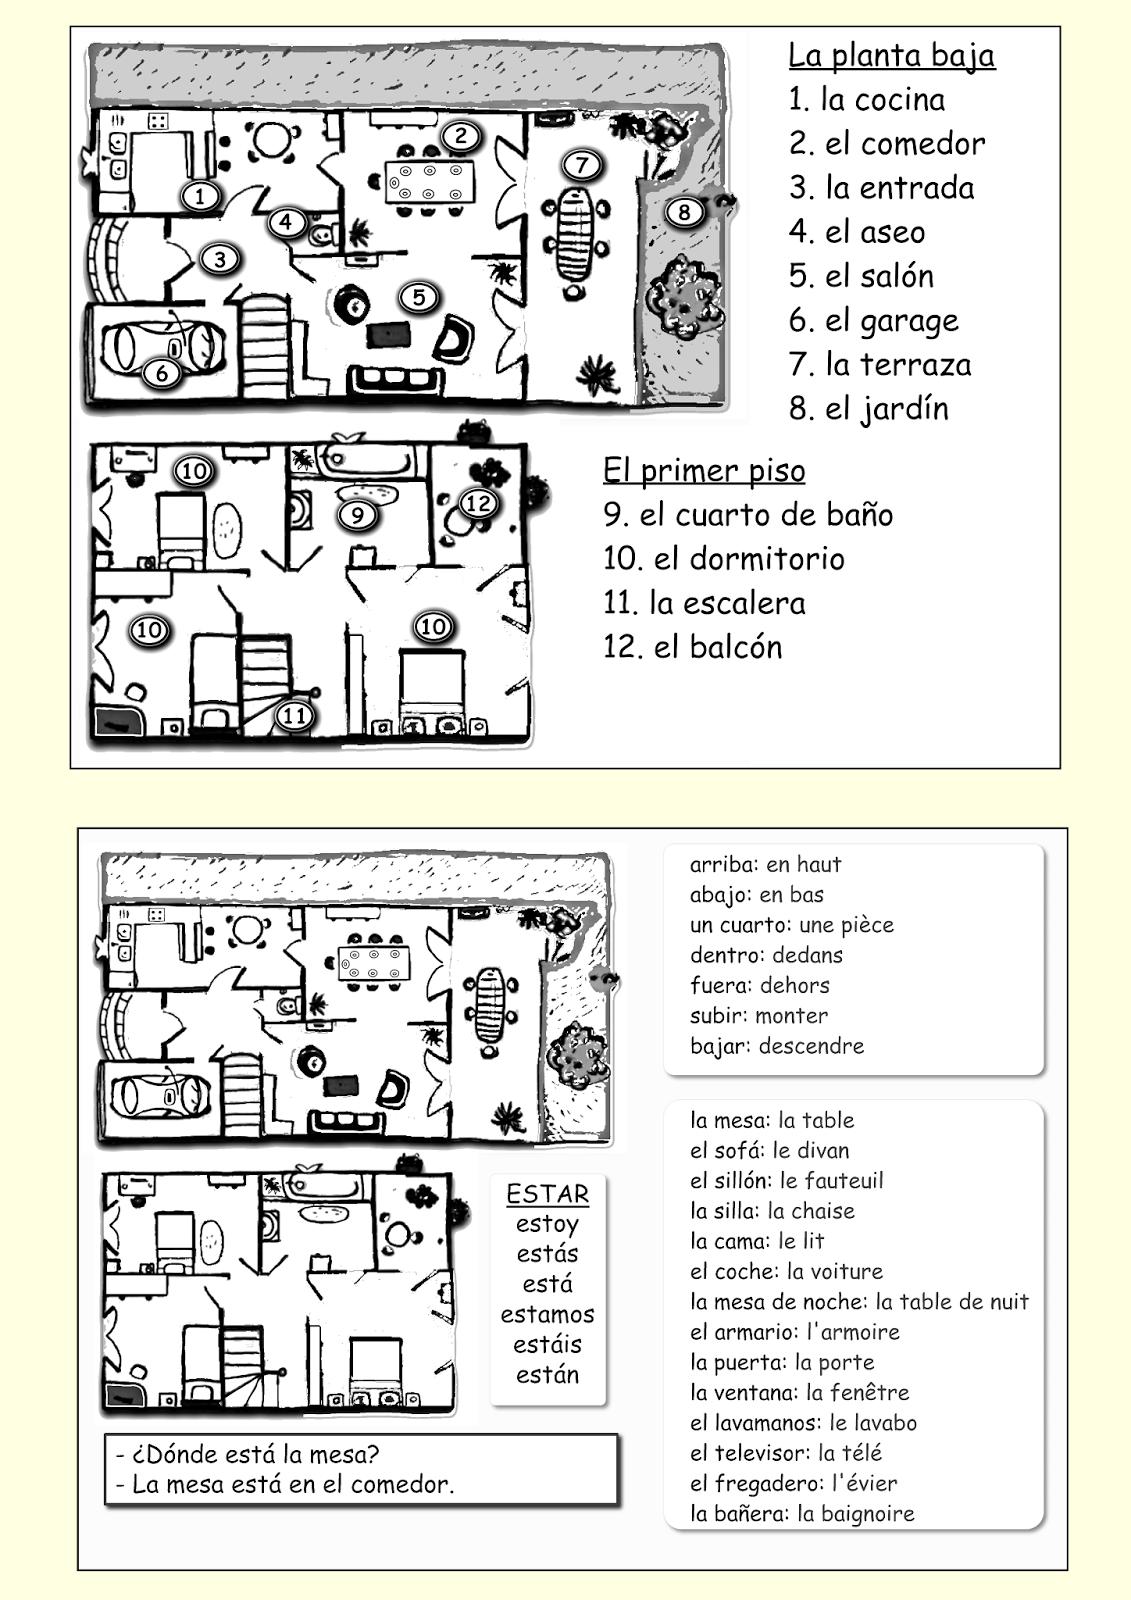 Me encanta escribir en espa ol la casa vocabulario y - Mi casa en ingles ...